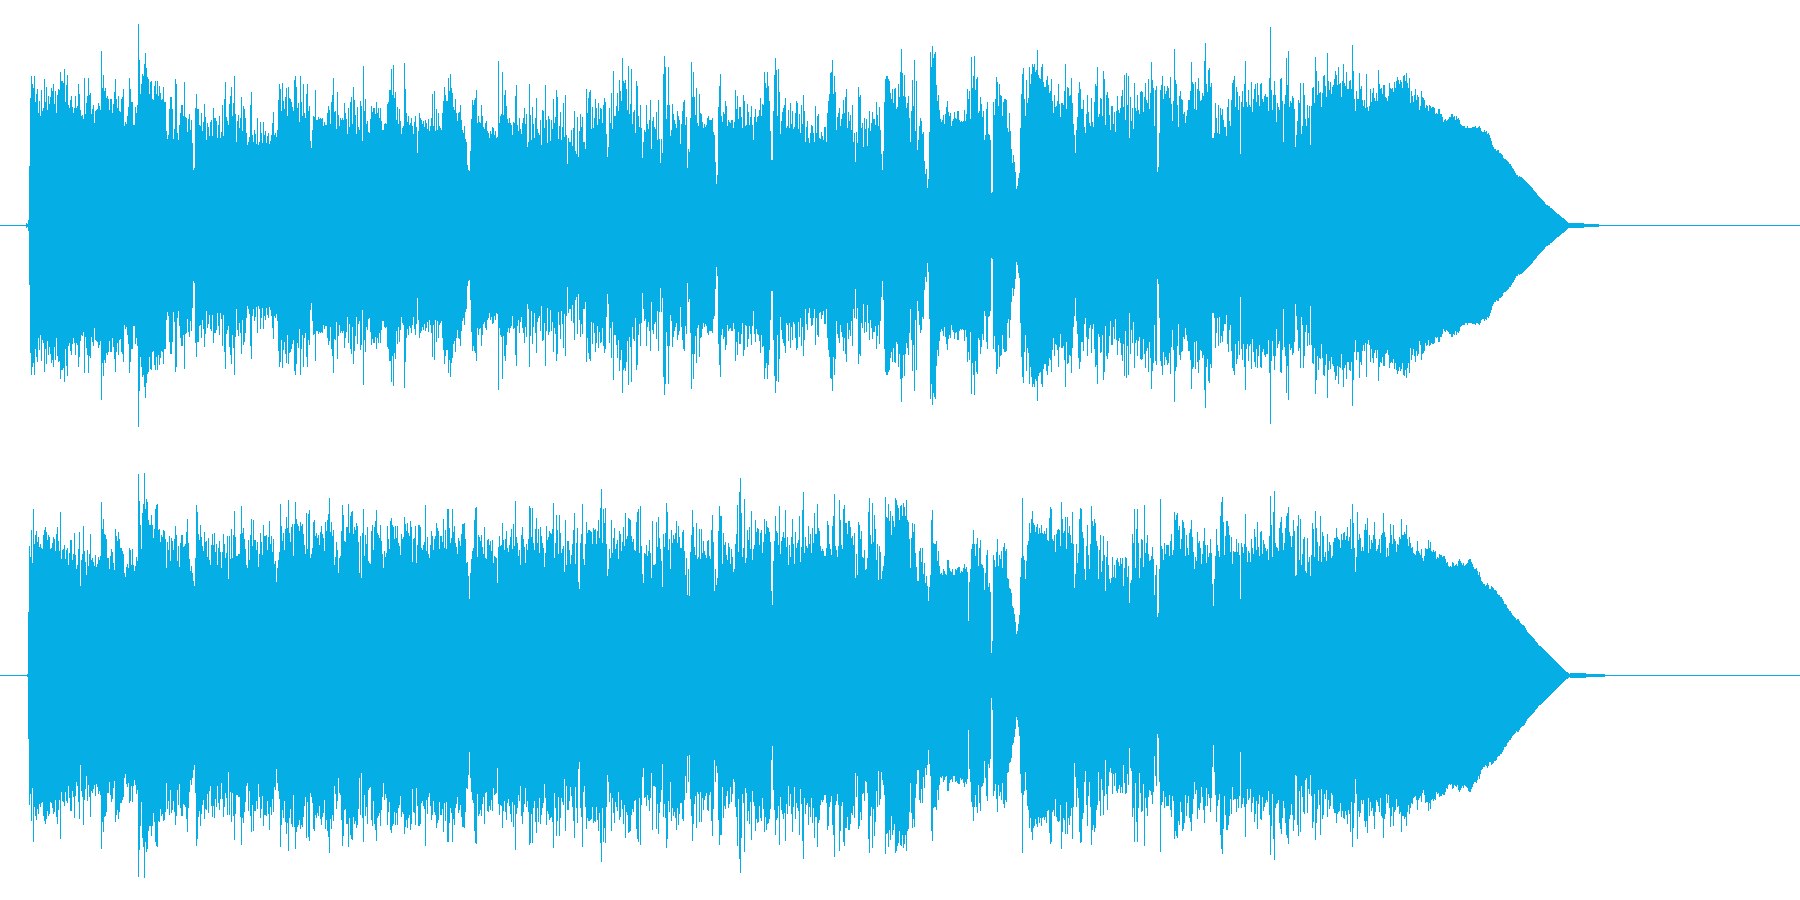 爽やかで軽快なアコギジングルの再生済みの波形